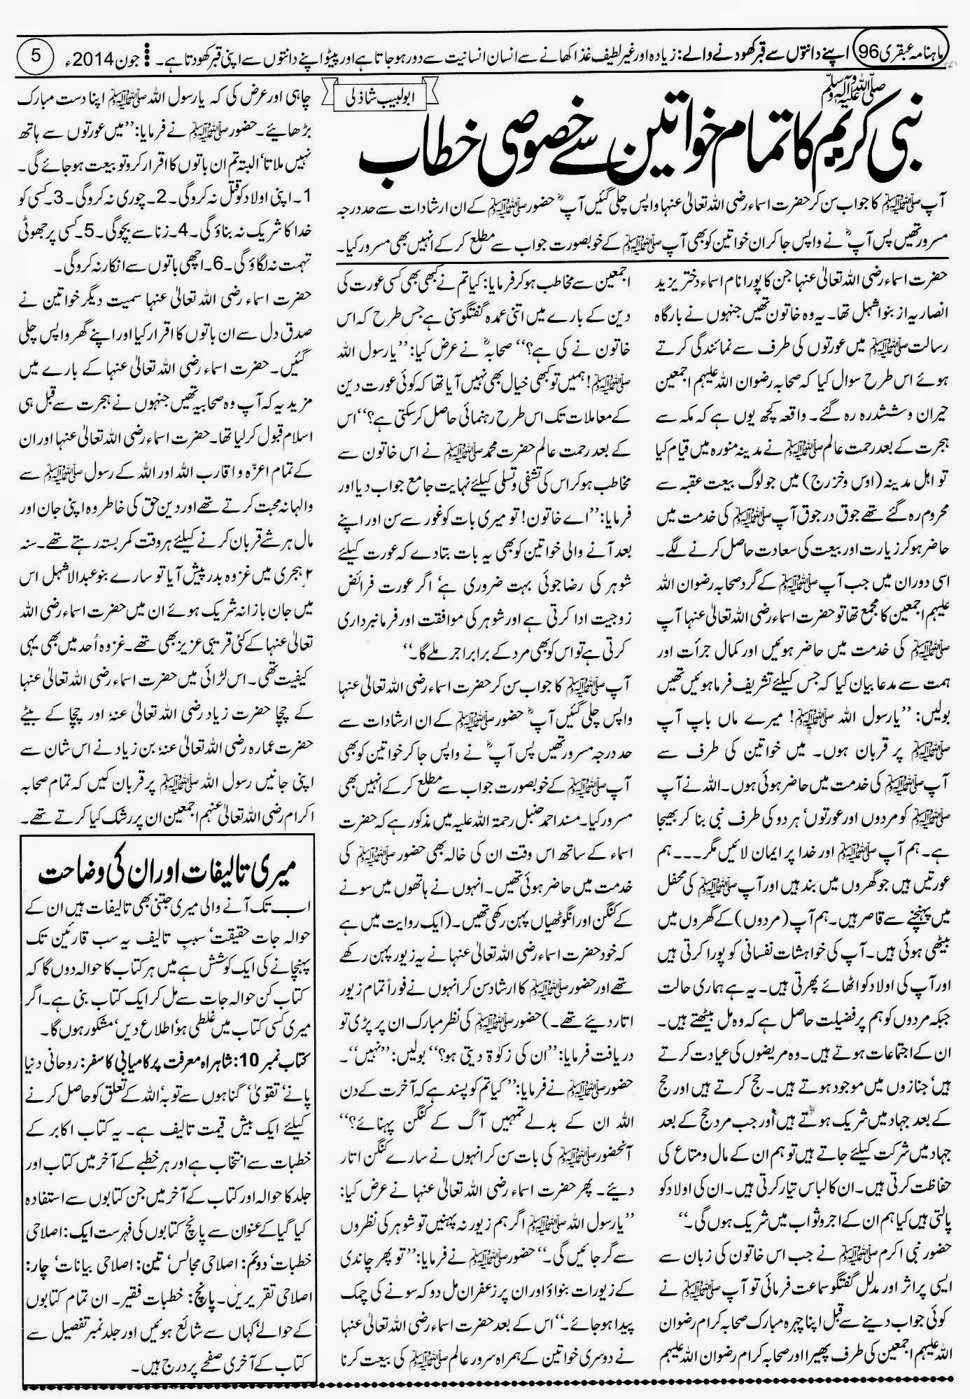 ubqari june 2014 page 5